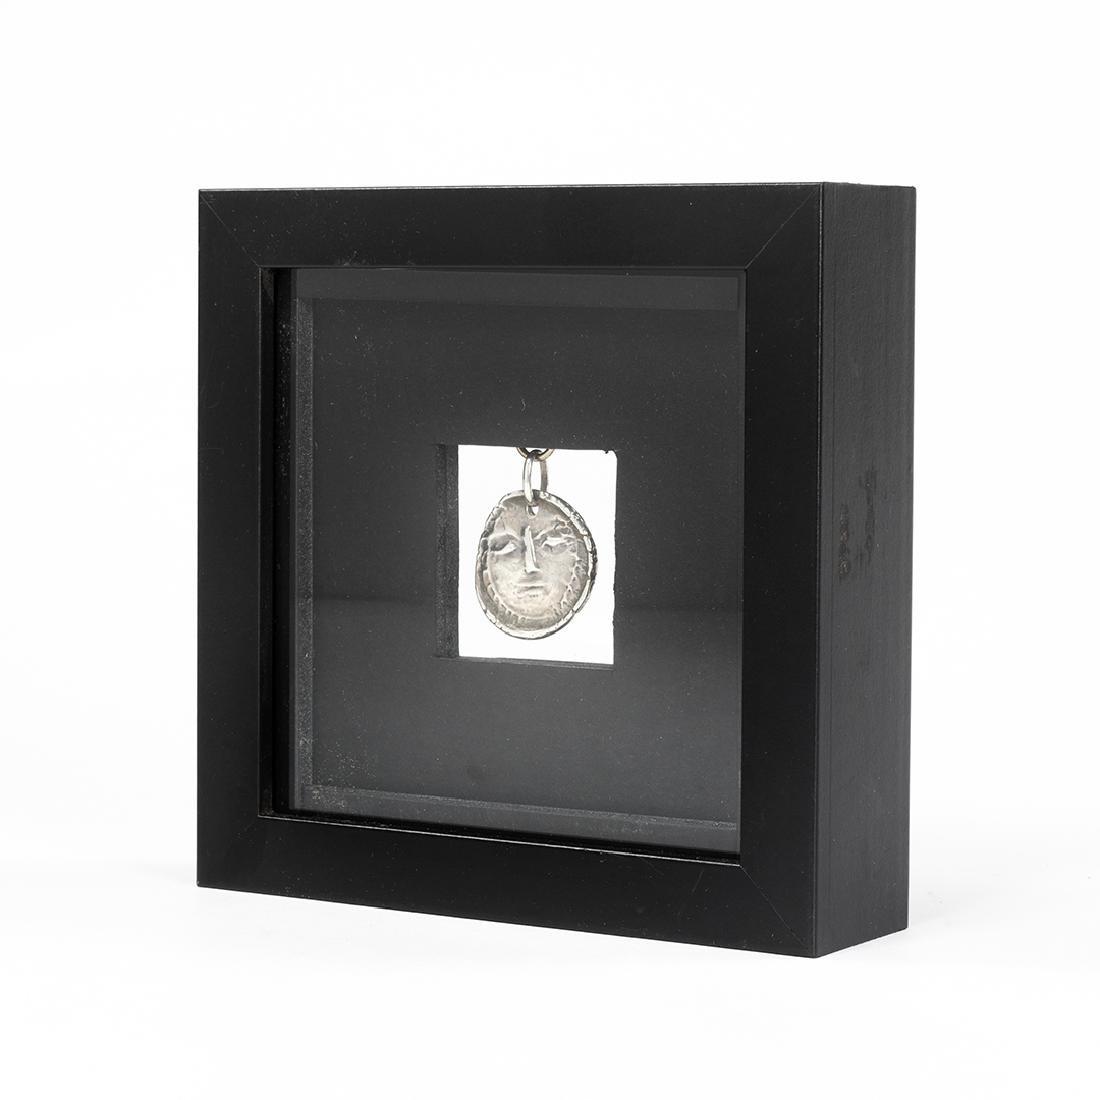 Pablo Picasso Visage Silver Pendant